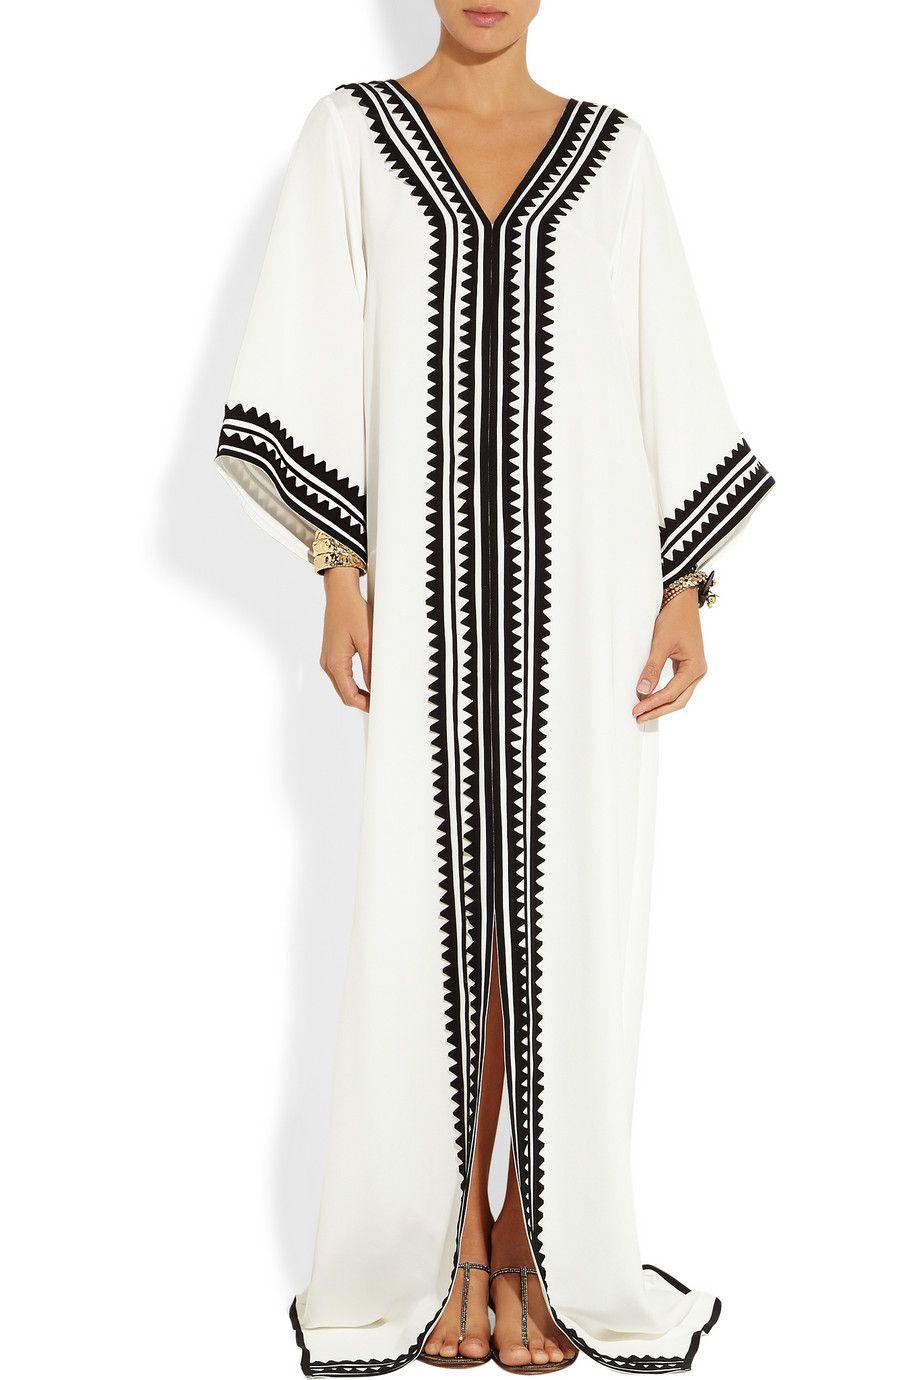 fbd4268b0a11ee kaftan ist die traditionelle Bekleidung oder auch tracht der marokkanischen  Modernen frau von heute ein kaftan ist eine individuelles kleid das mit ...